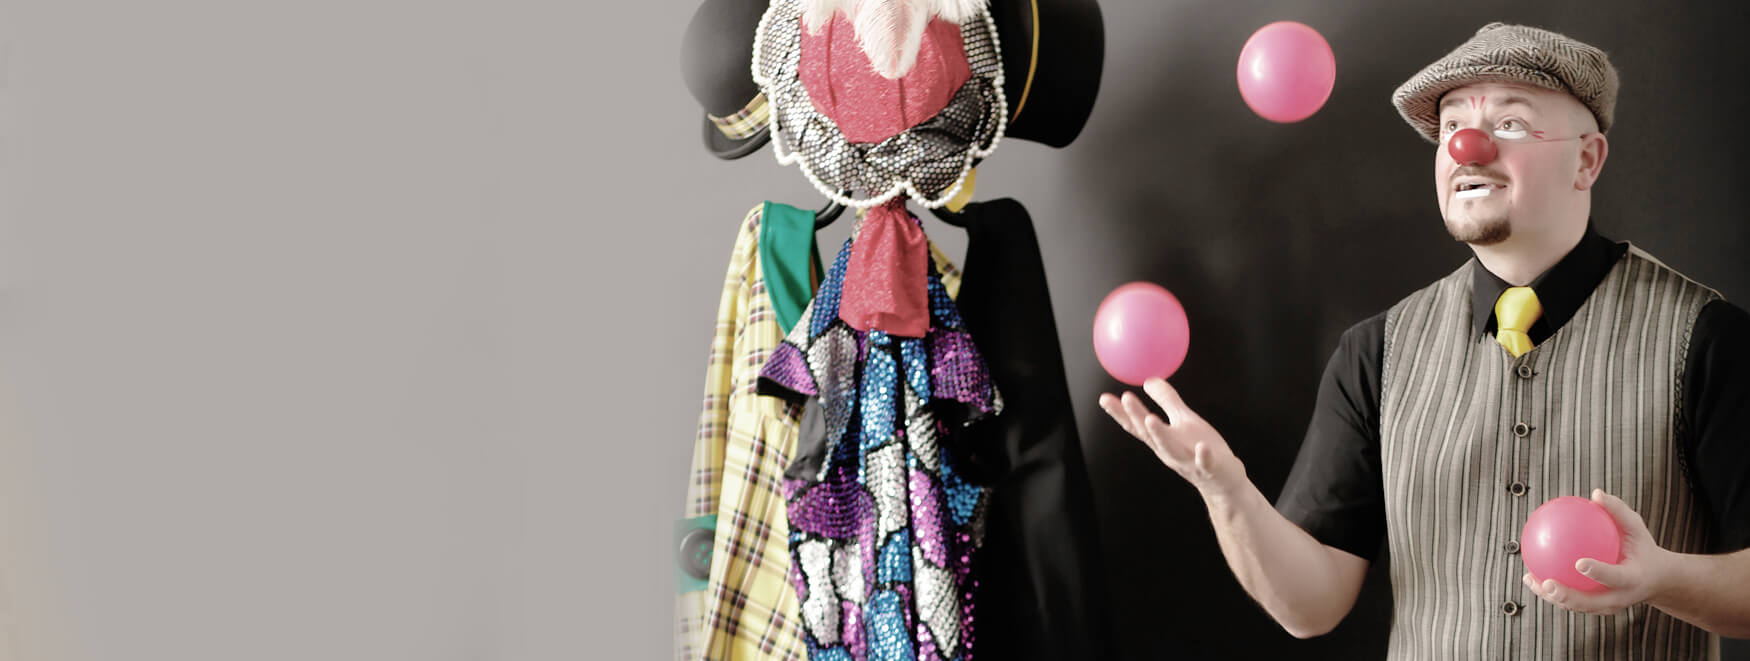 entertainmens-clown-jongleren